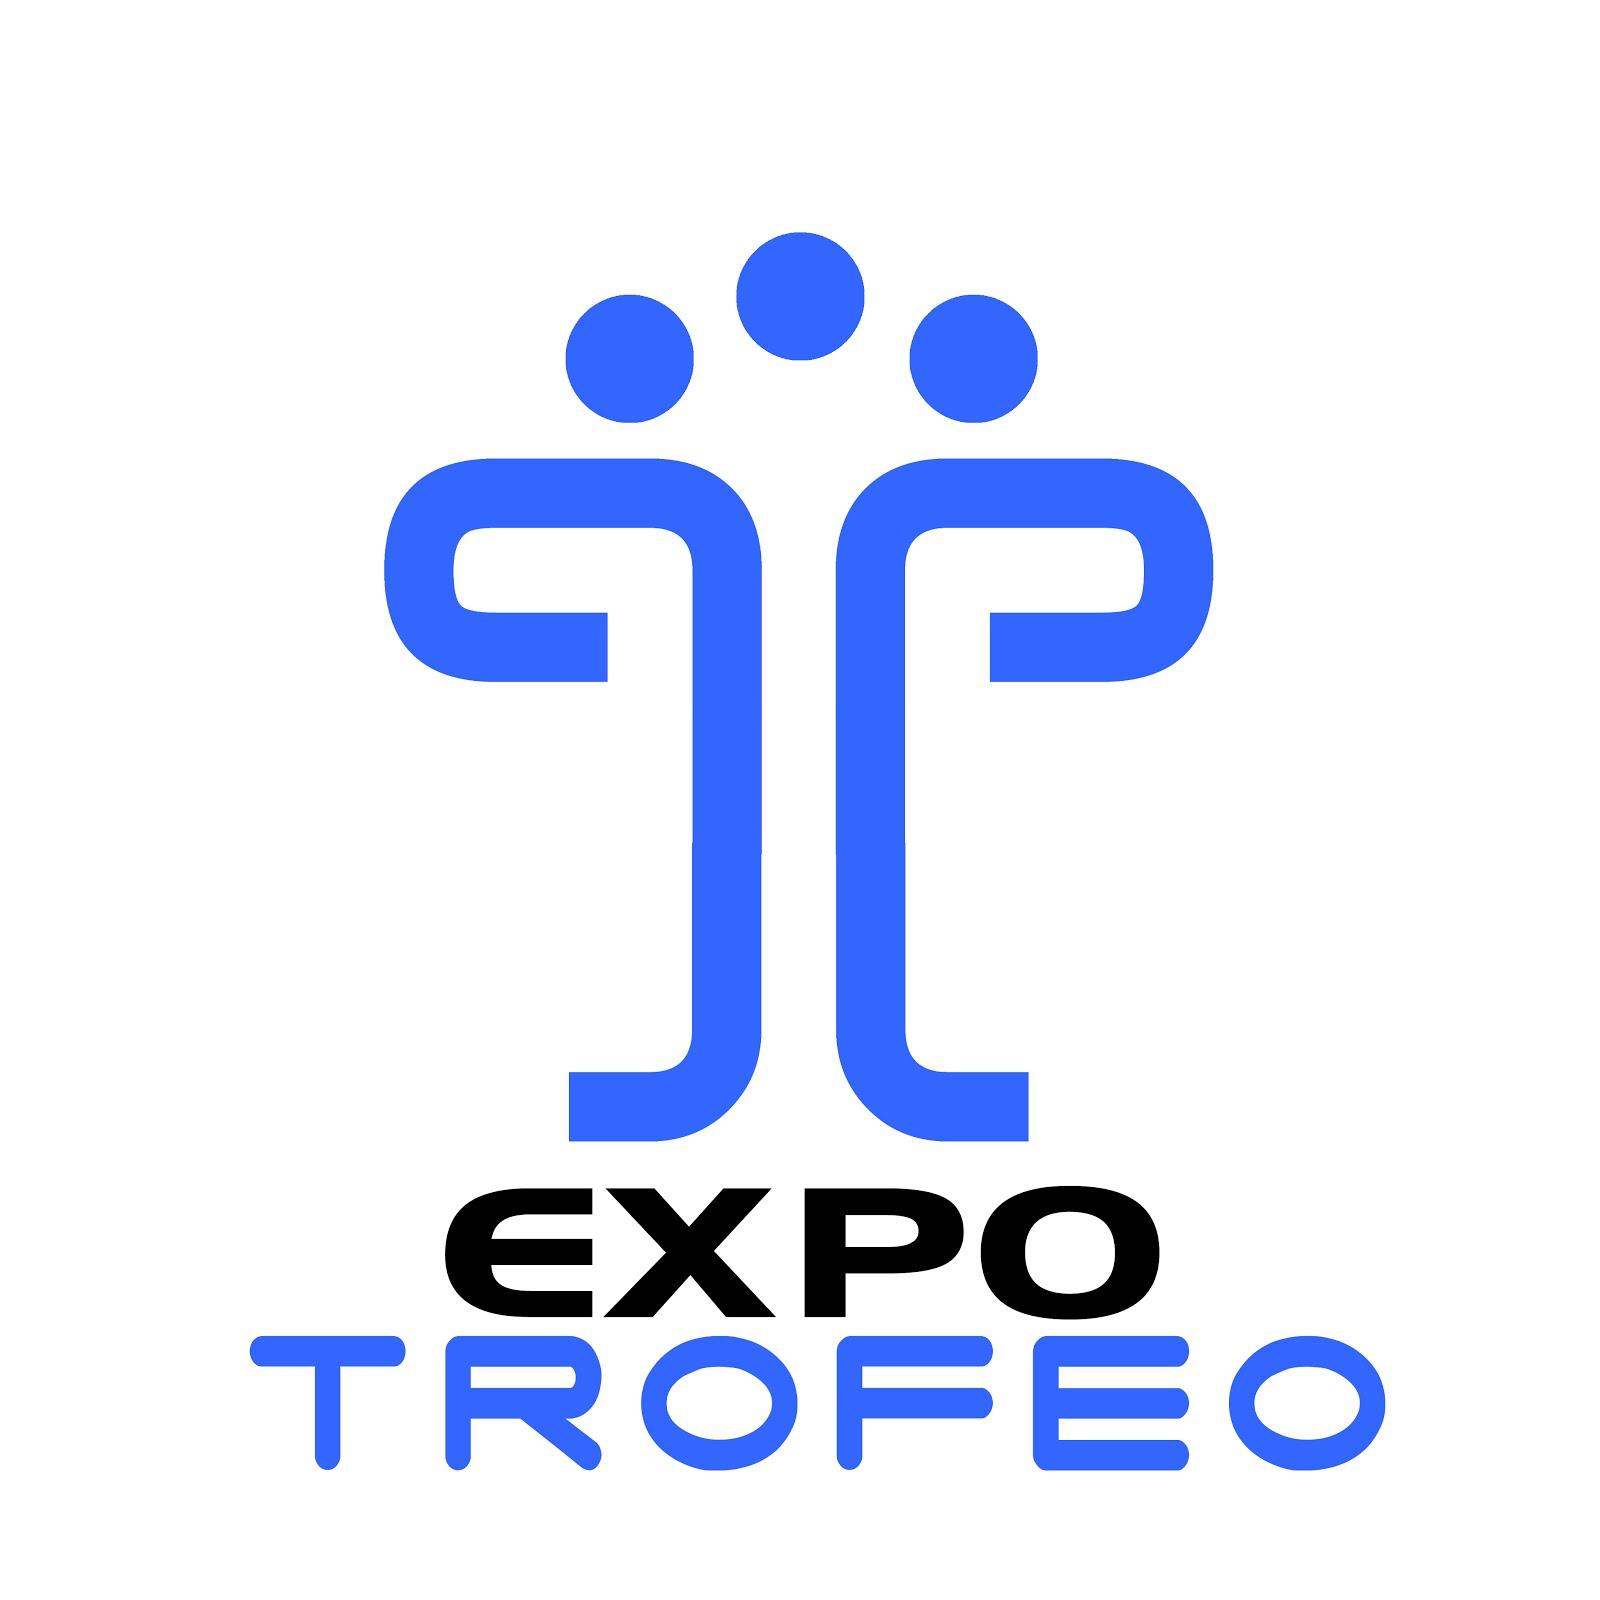 ExpoTrofeo